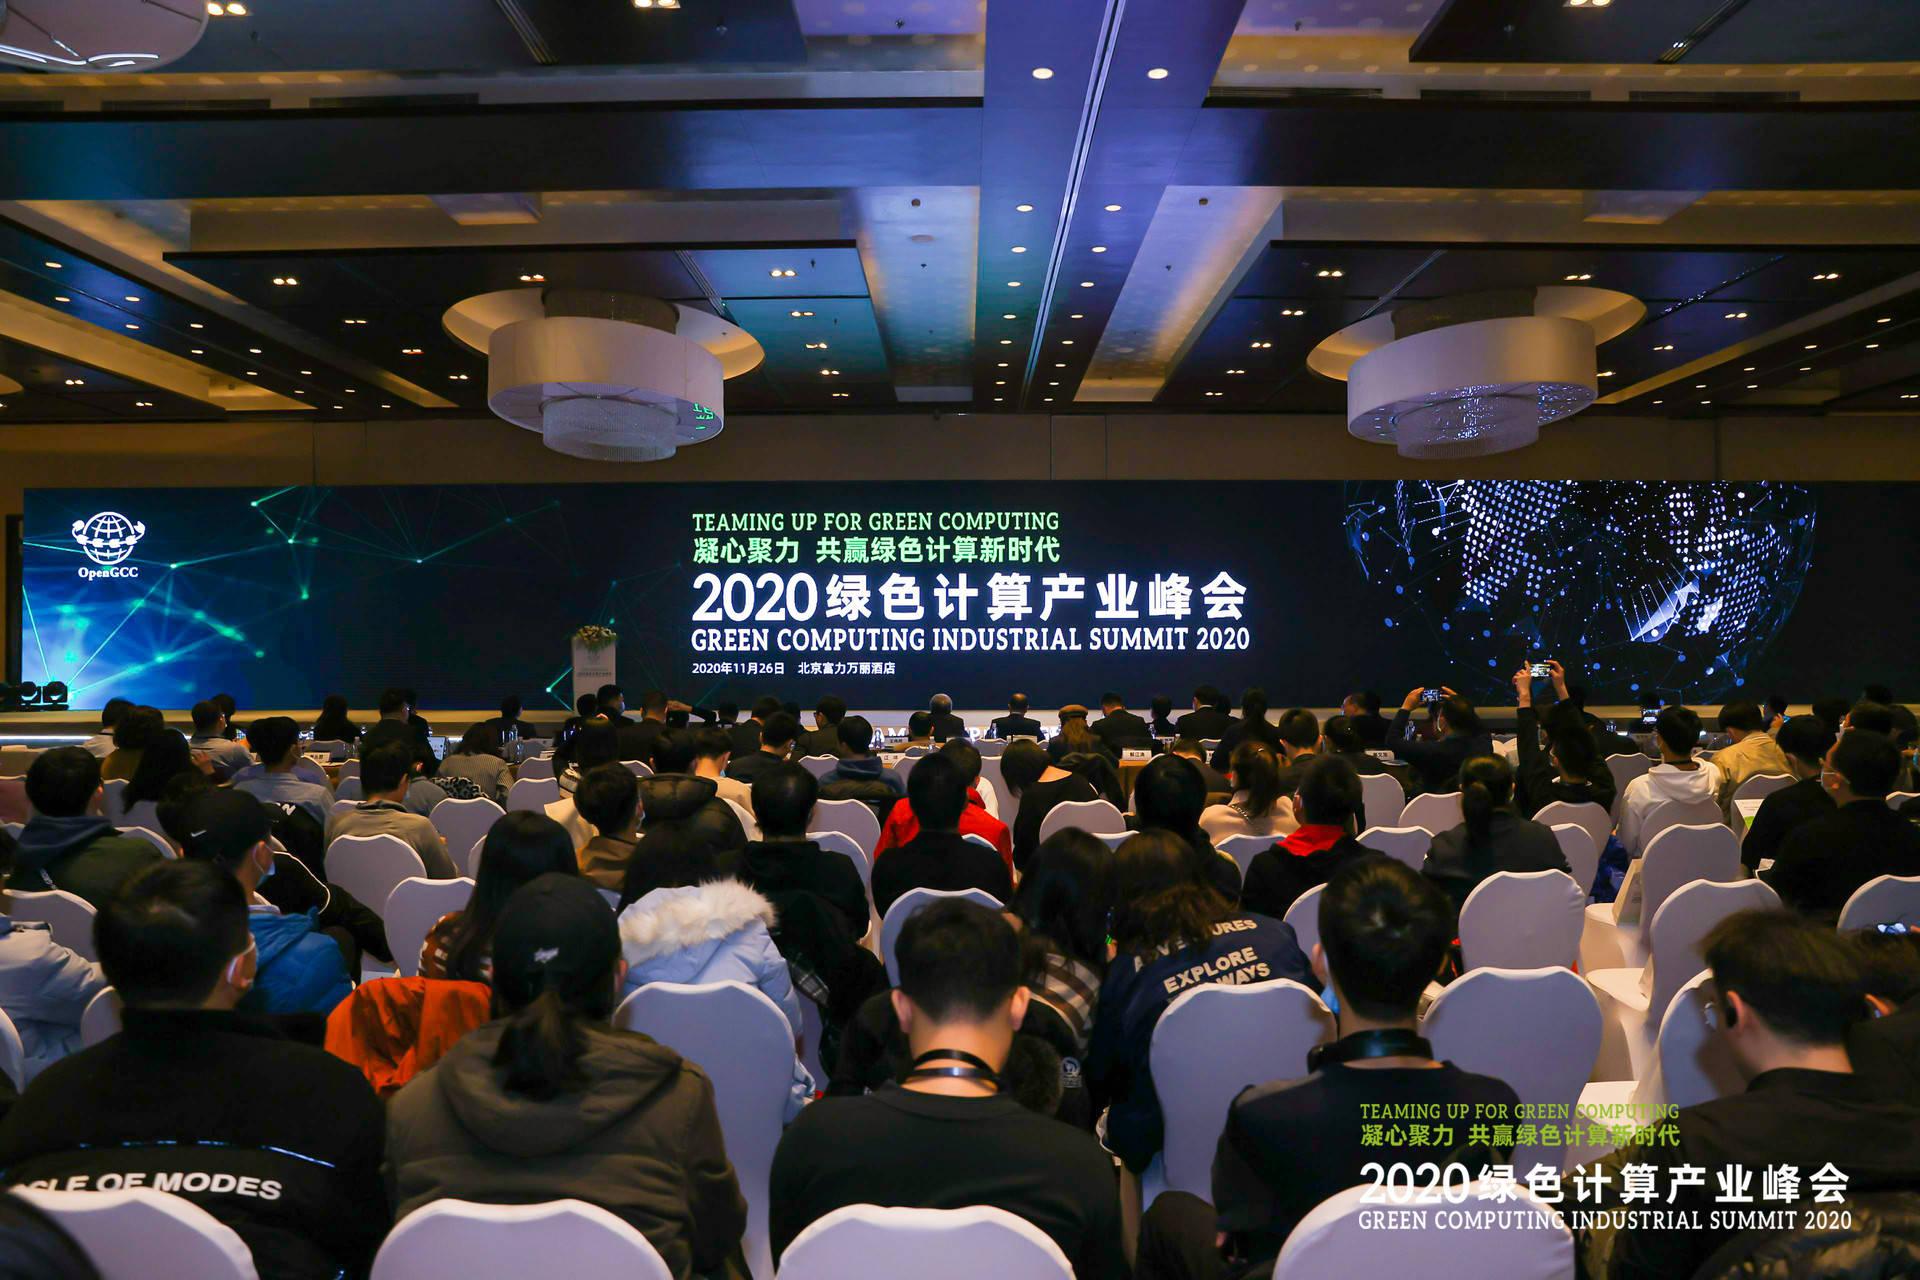 华云数据出席2020绿色计算产业峰会用信创云基座助力金融绿色创新发展